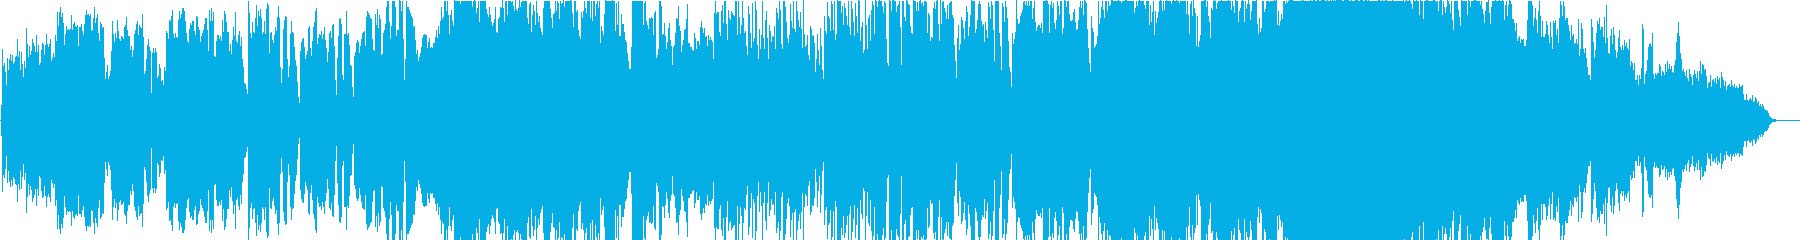 明るくほのぼのとした彩り豊かな二胡の曲の再生済みの波形